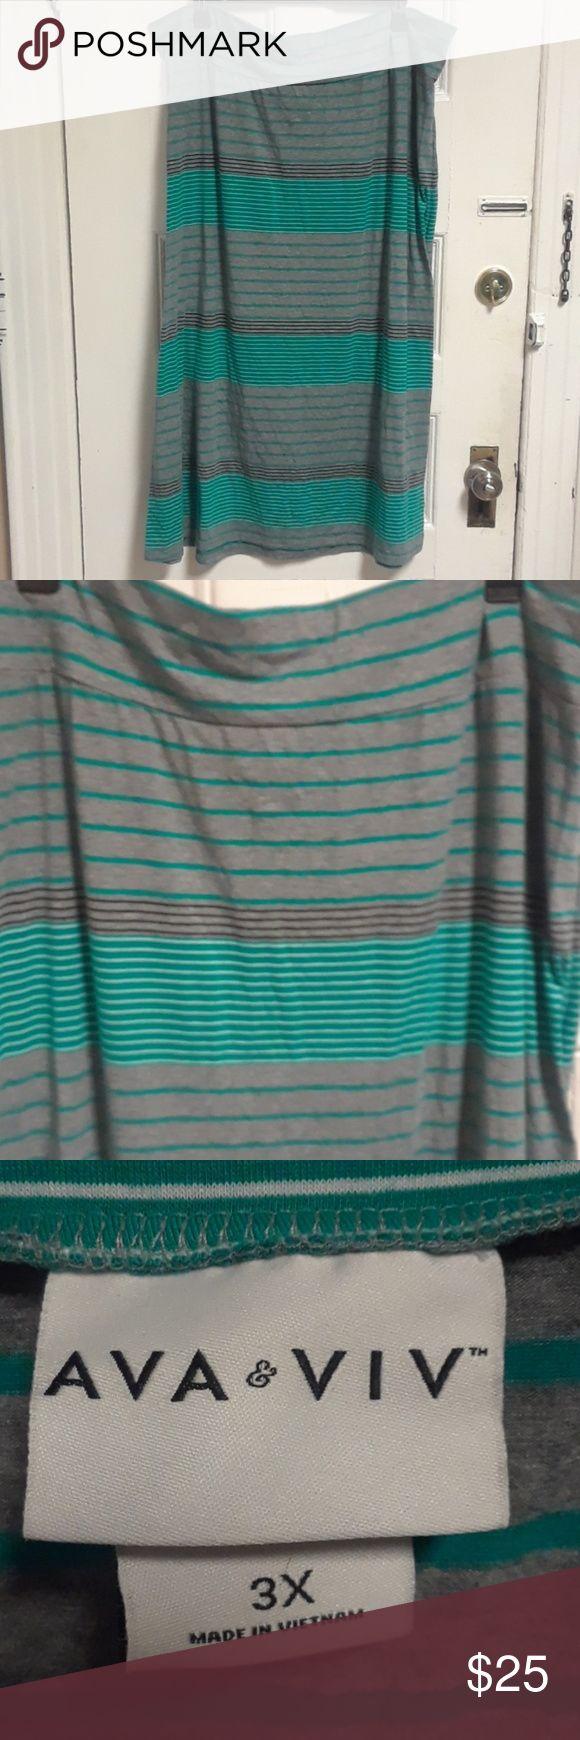 """Ava & Viv Long Skirt 10 Green/Gray/White/Black stripe long skirt 30"""" wide on the hips 38"""" long Ava & Viv Skirts Maxi"""